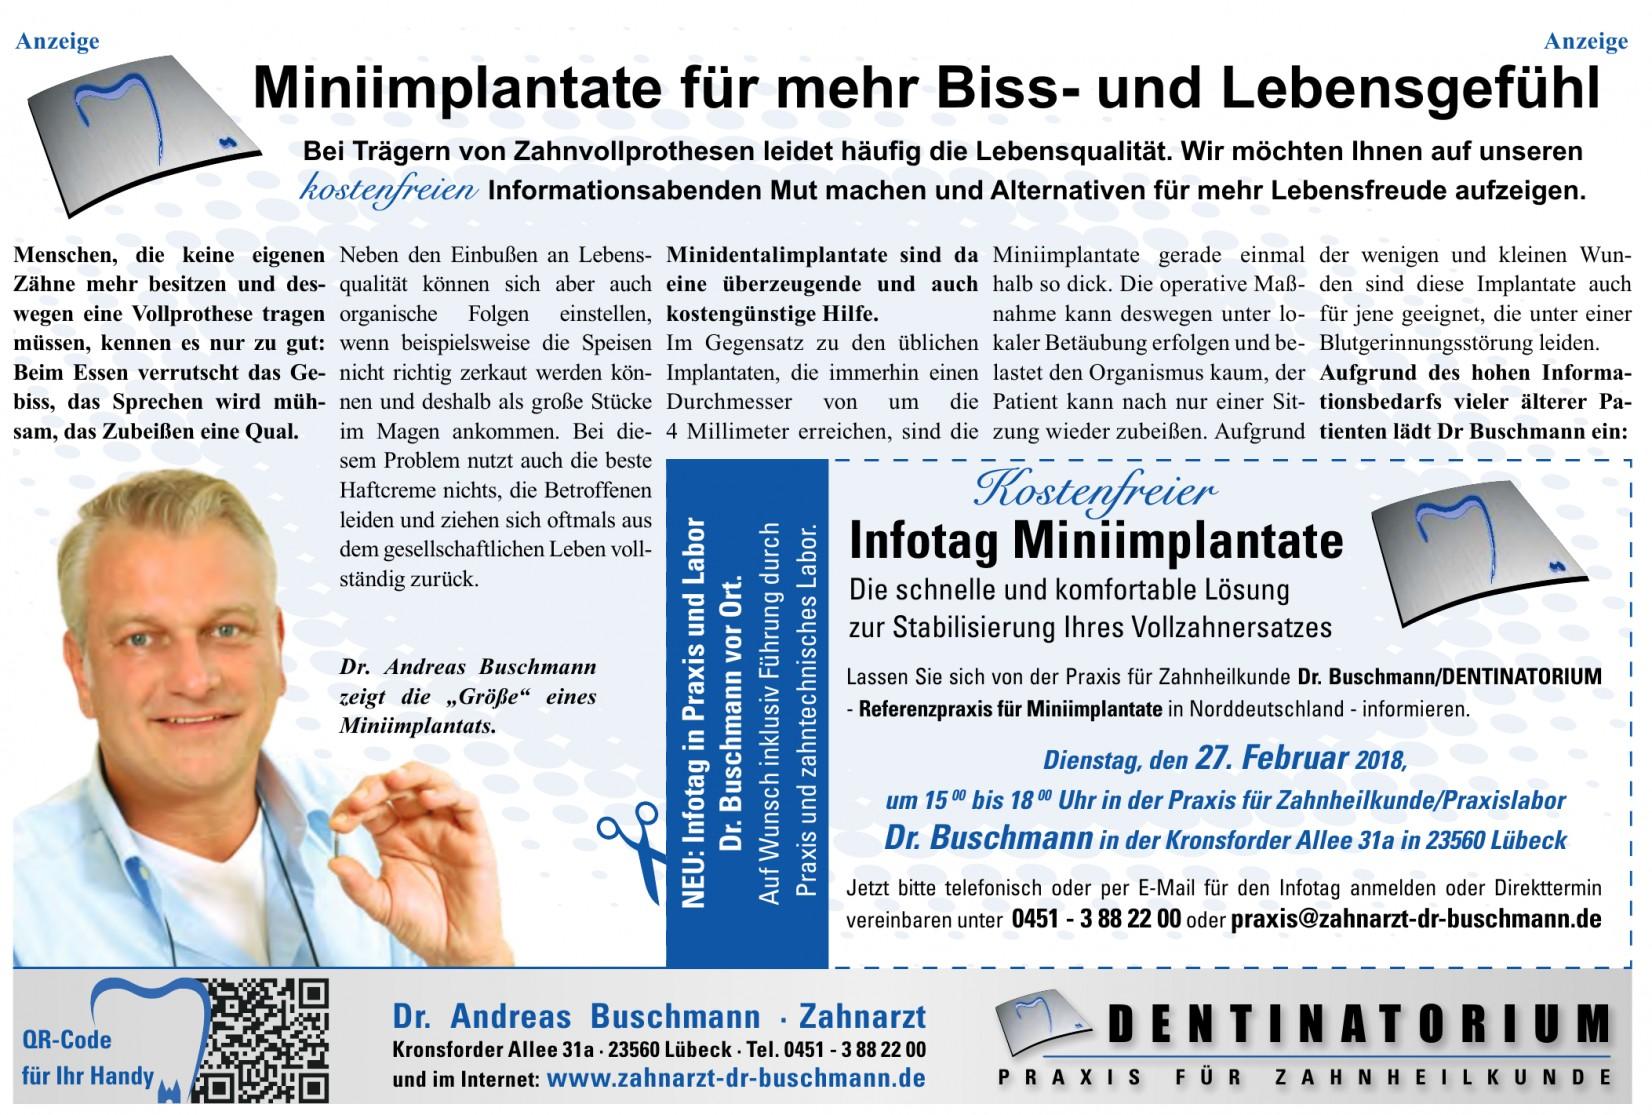 Dr. Andreas Buschmann - Zahnarzt